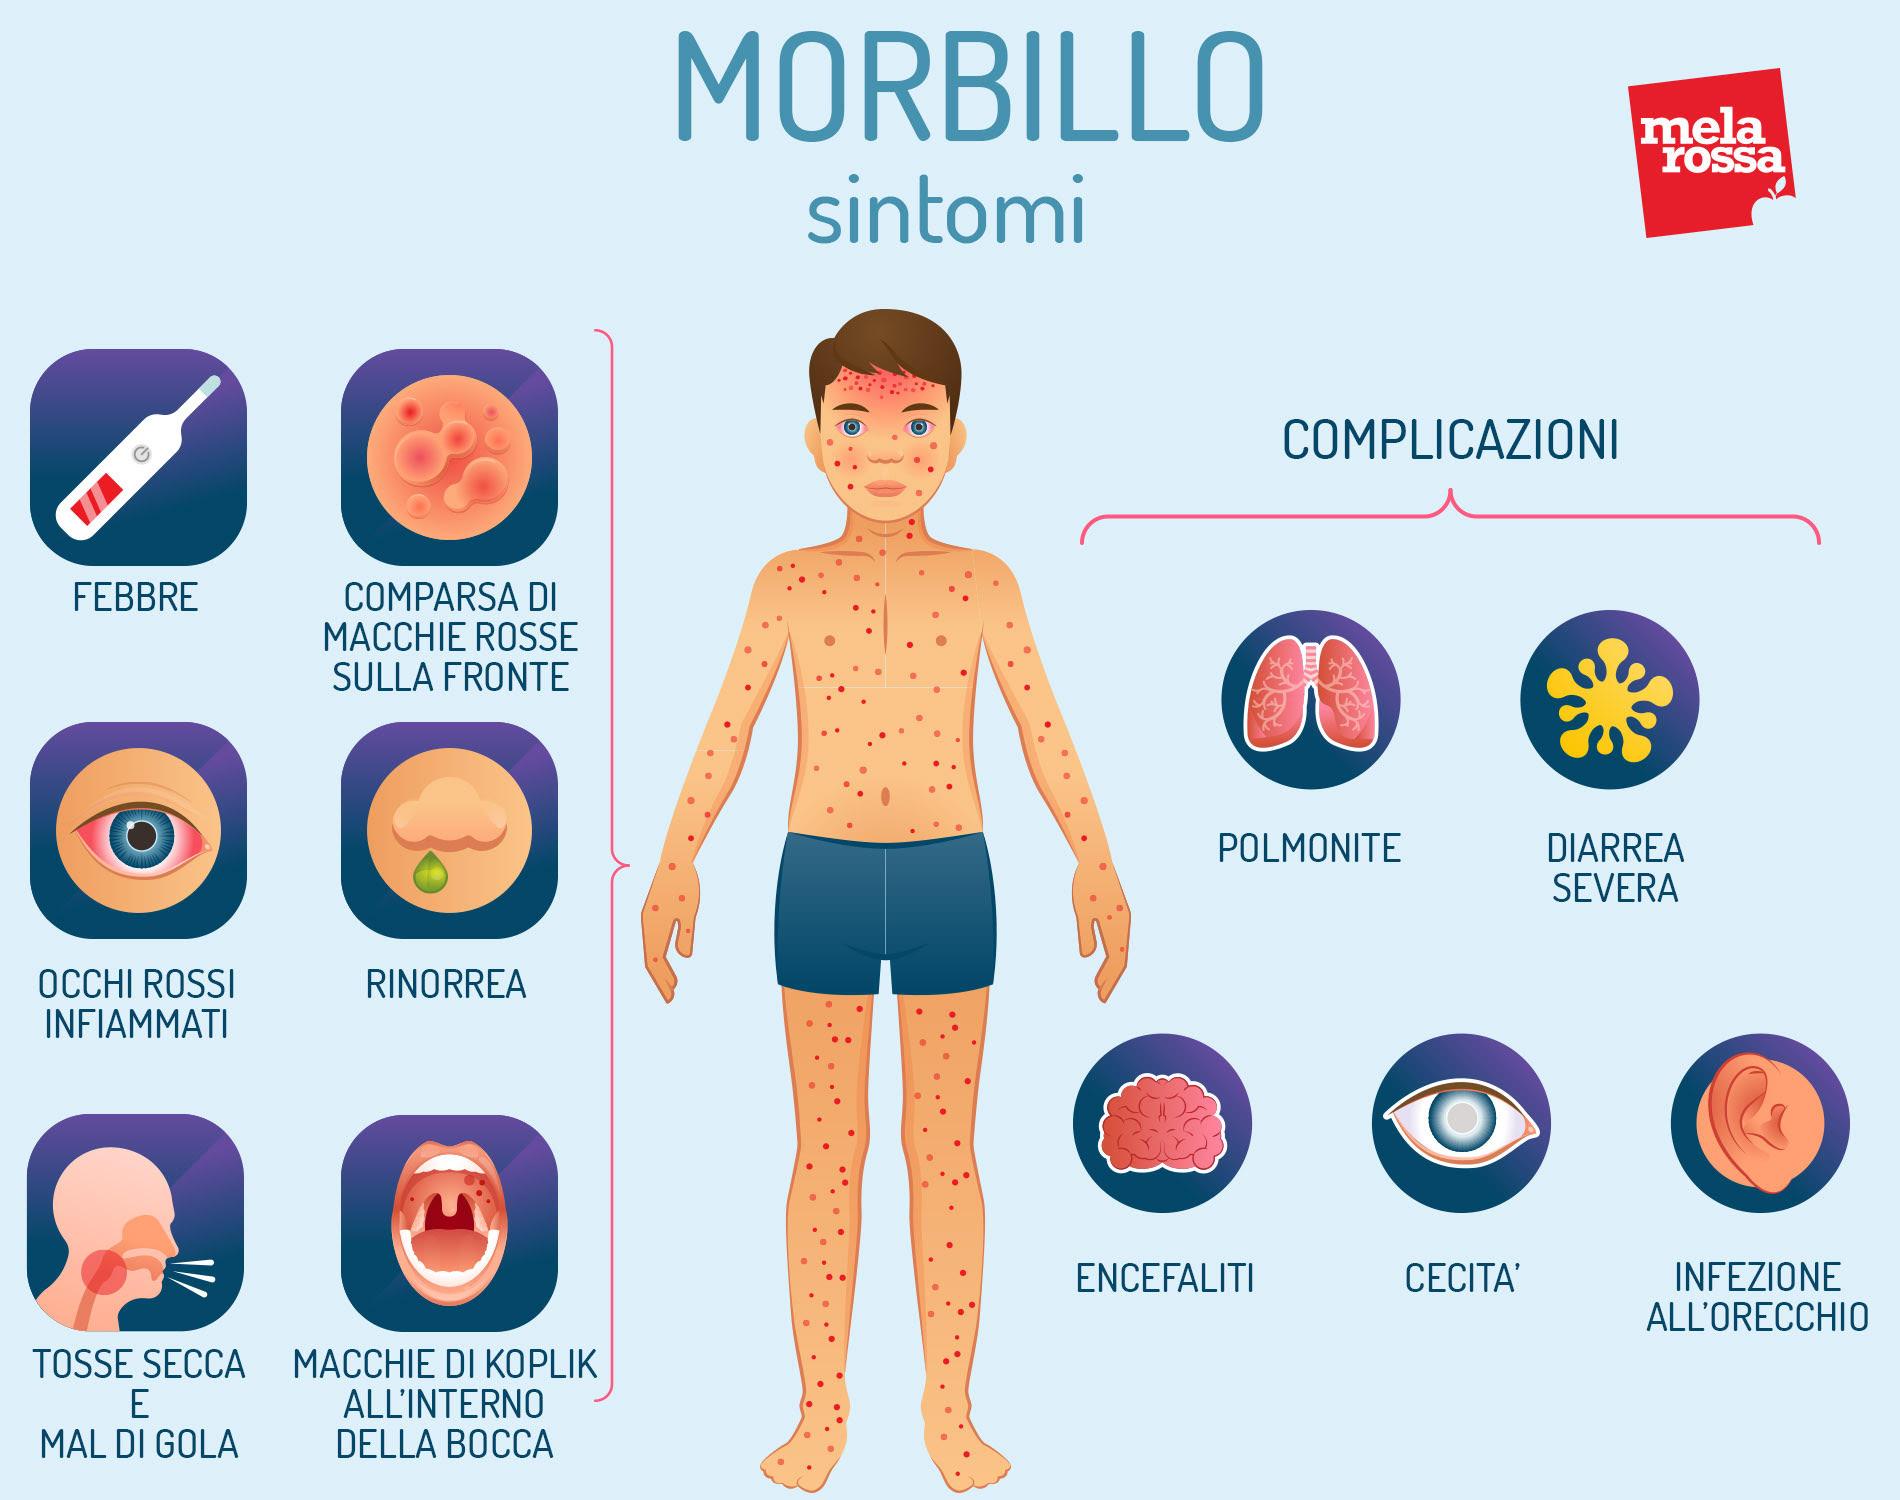 Morbillo: sintomi e complicazioni